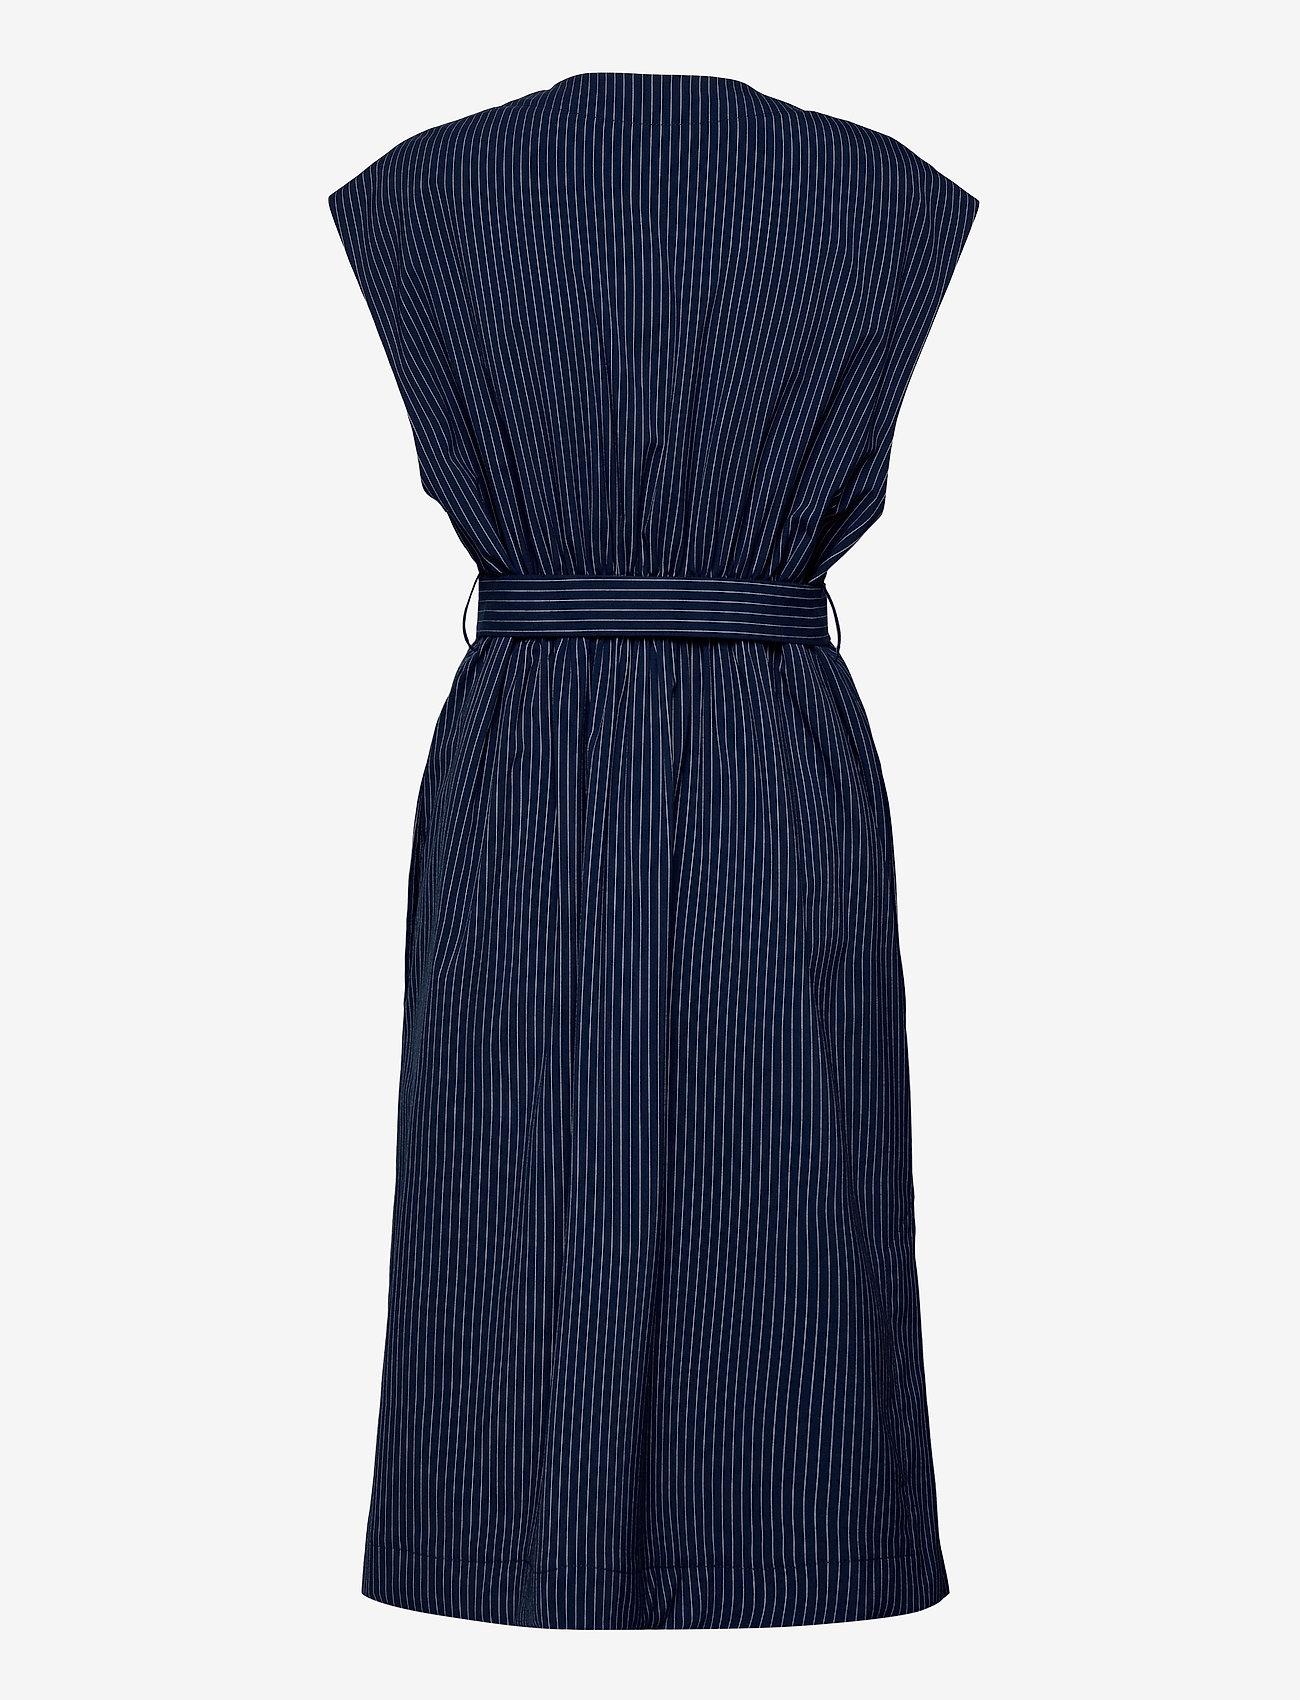 Baum und Pferdgarten - AOLANY - knitted vests - dark blue pinstripe - 1